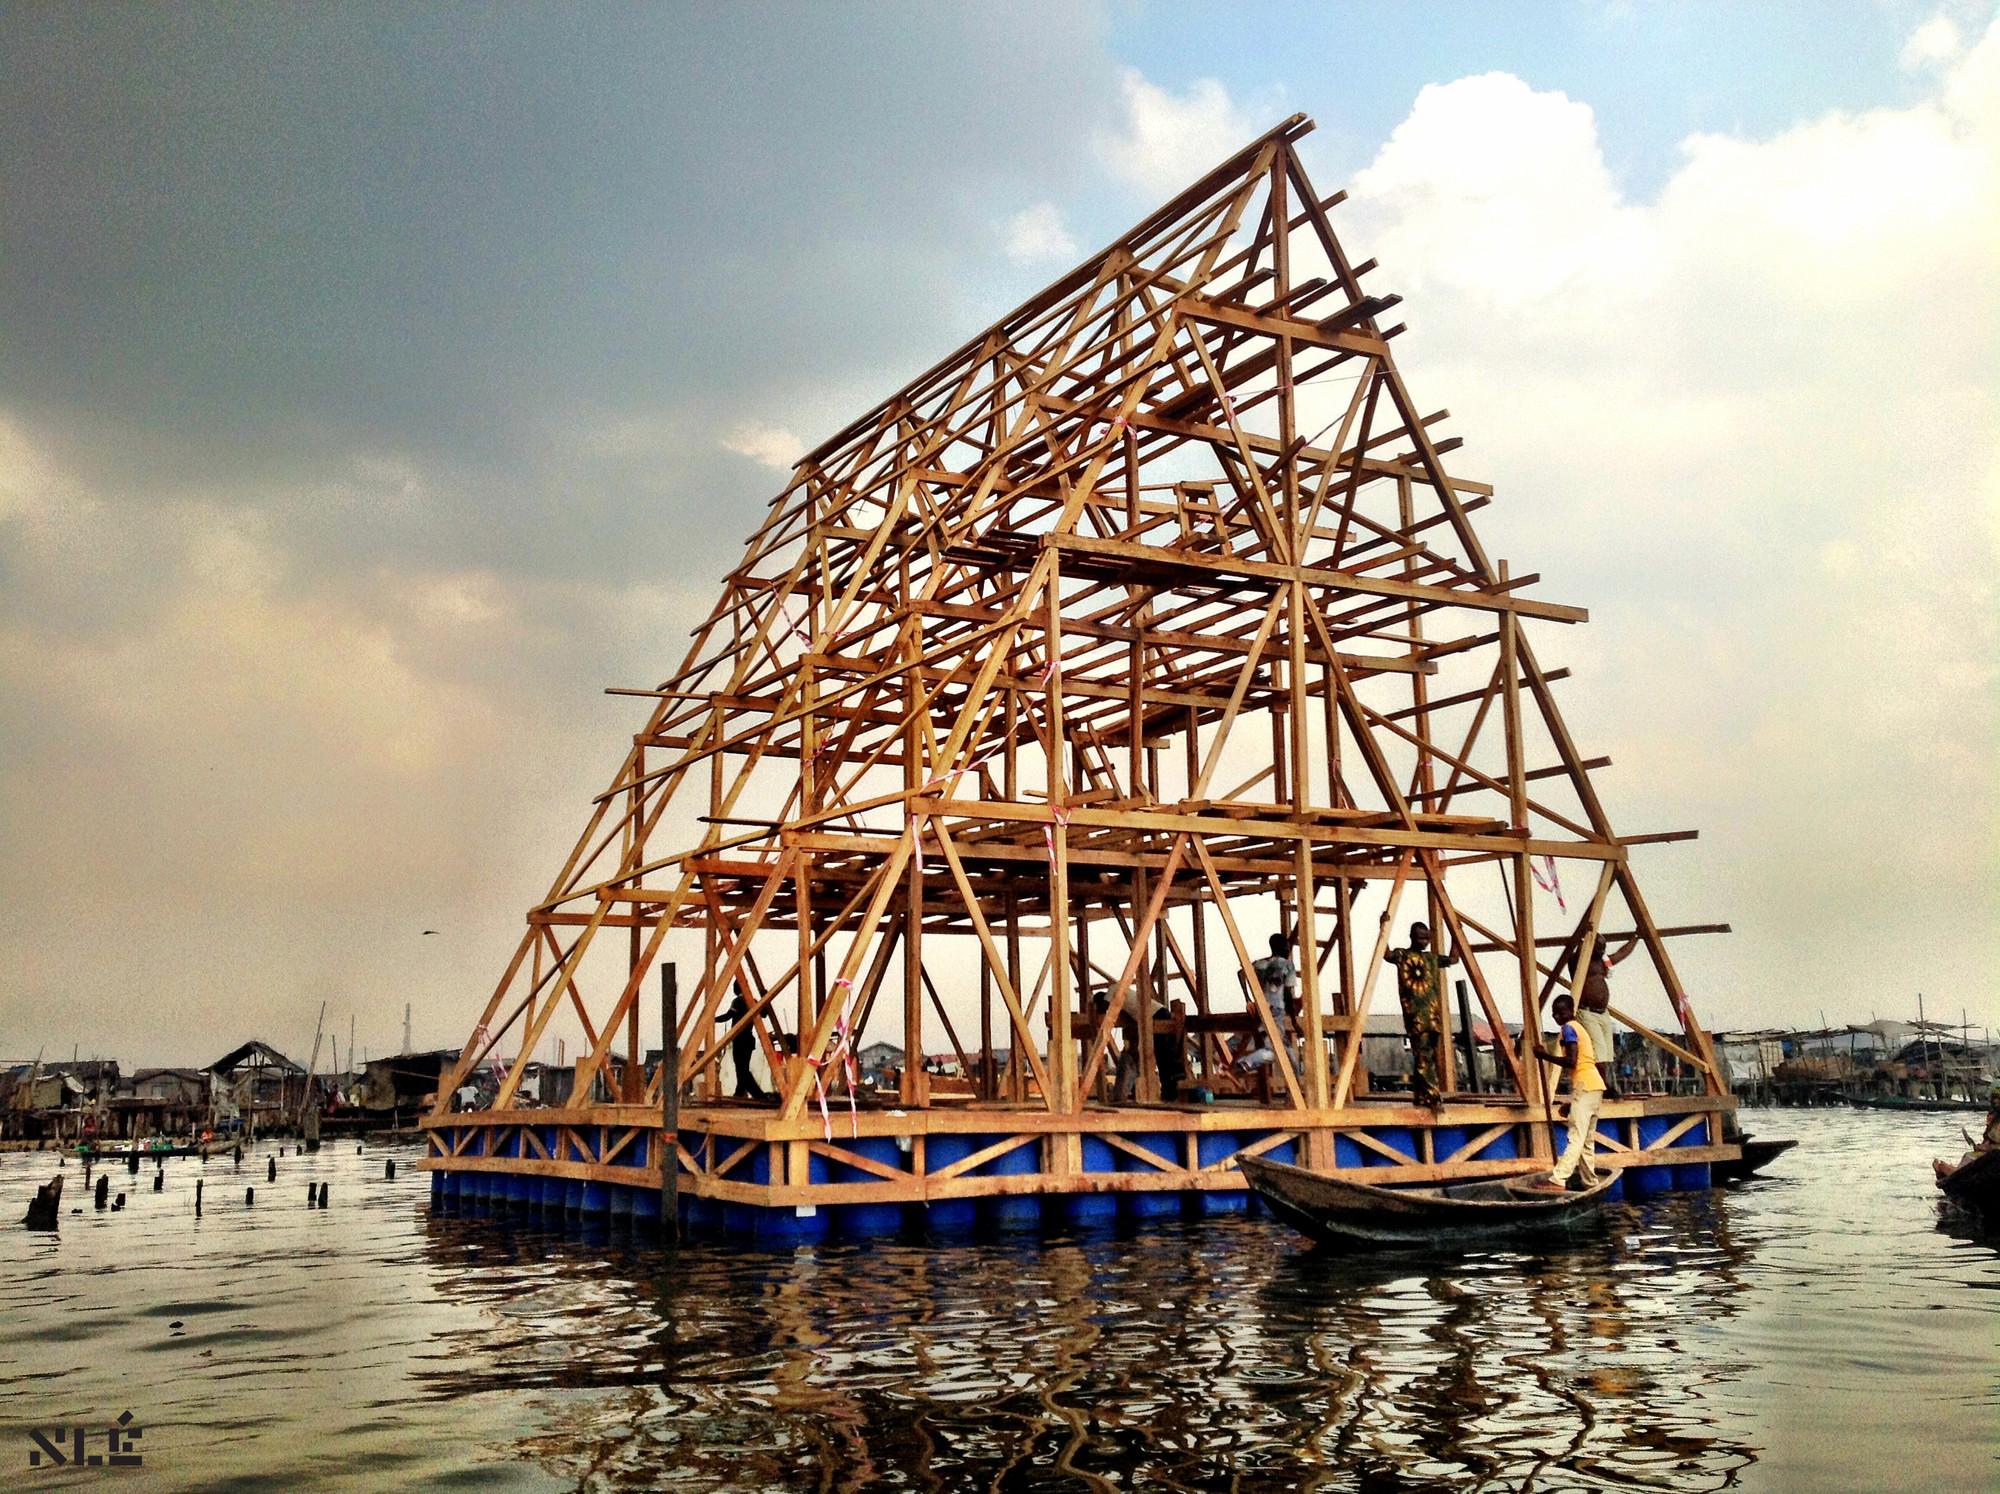 """Serie """"Arquitectura Rebelde"""" de Al Jazeera: Capítulo 5, """"Trabajando sobre el Agua"""", Cortesía de Al Jazeera"""